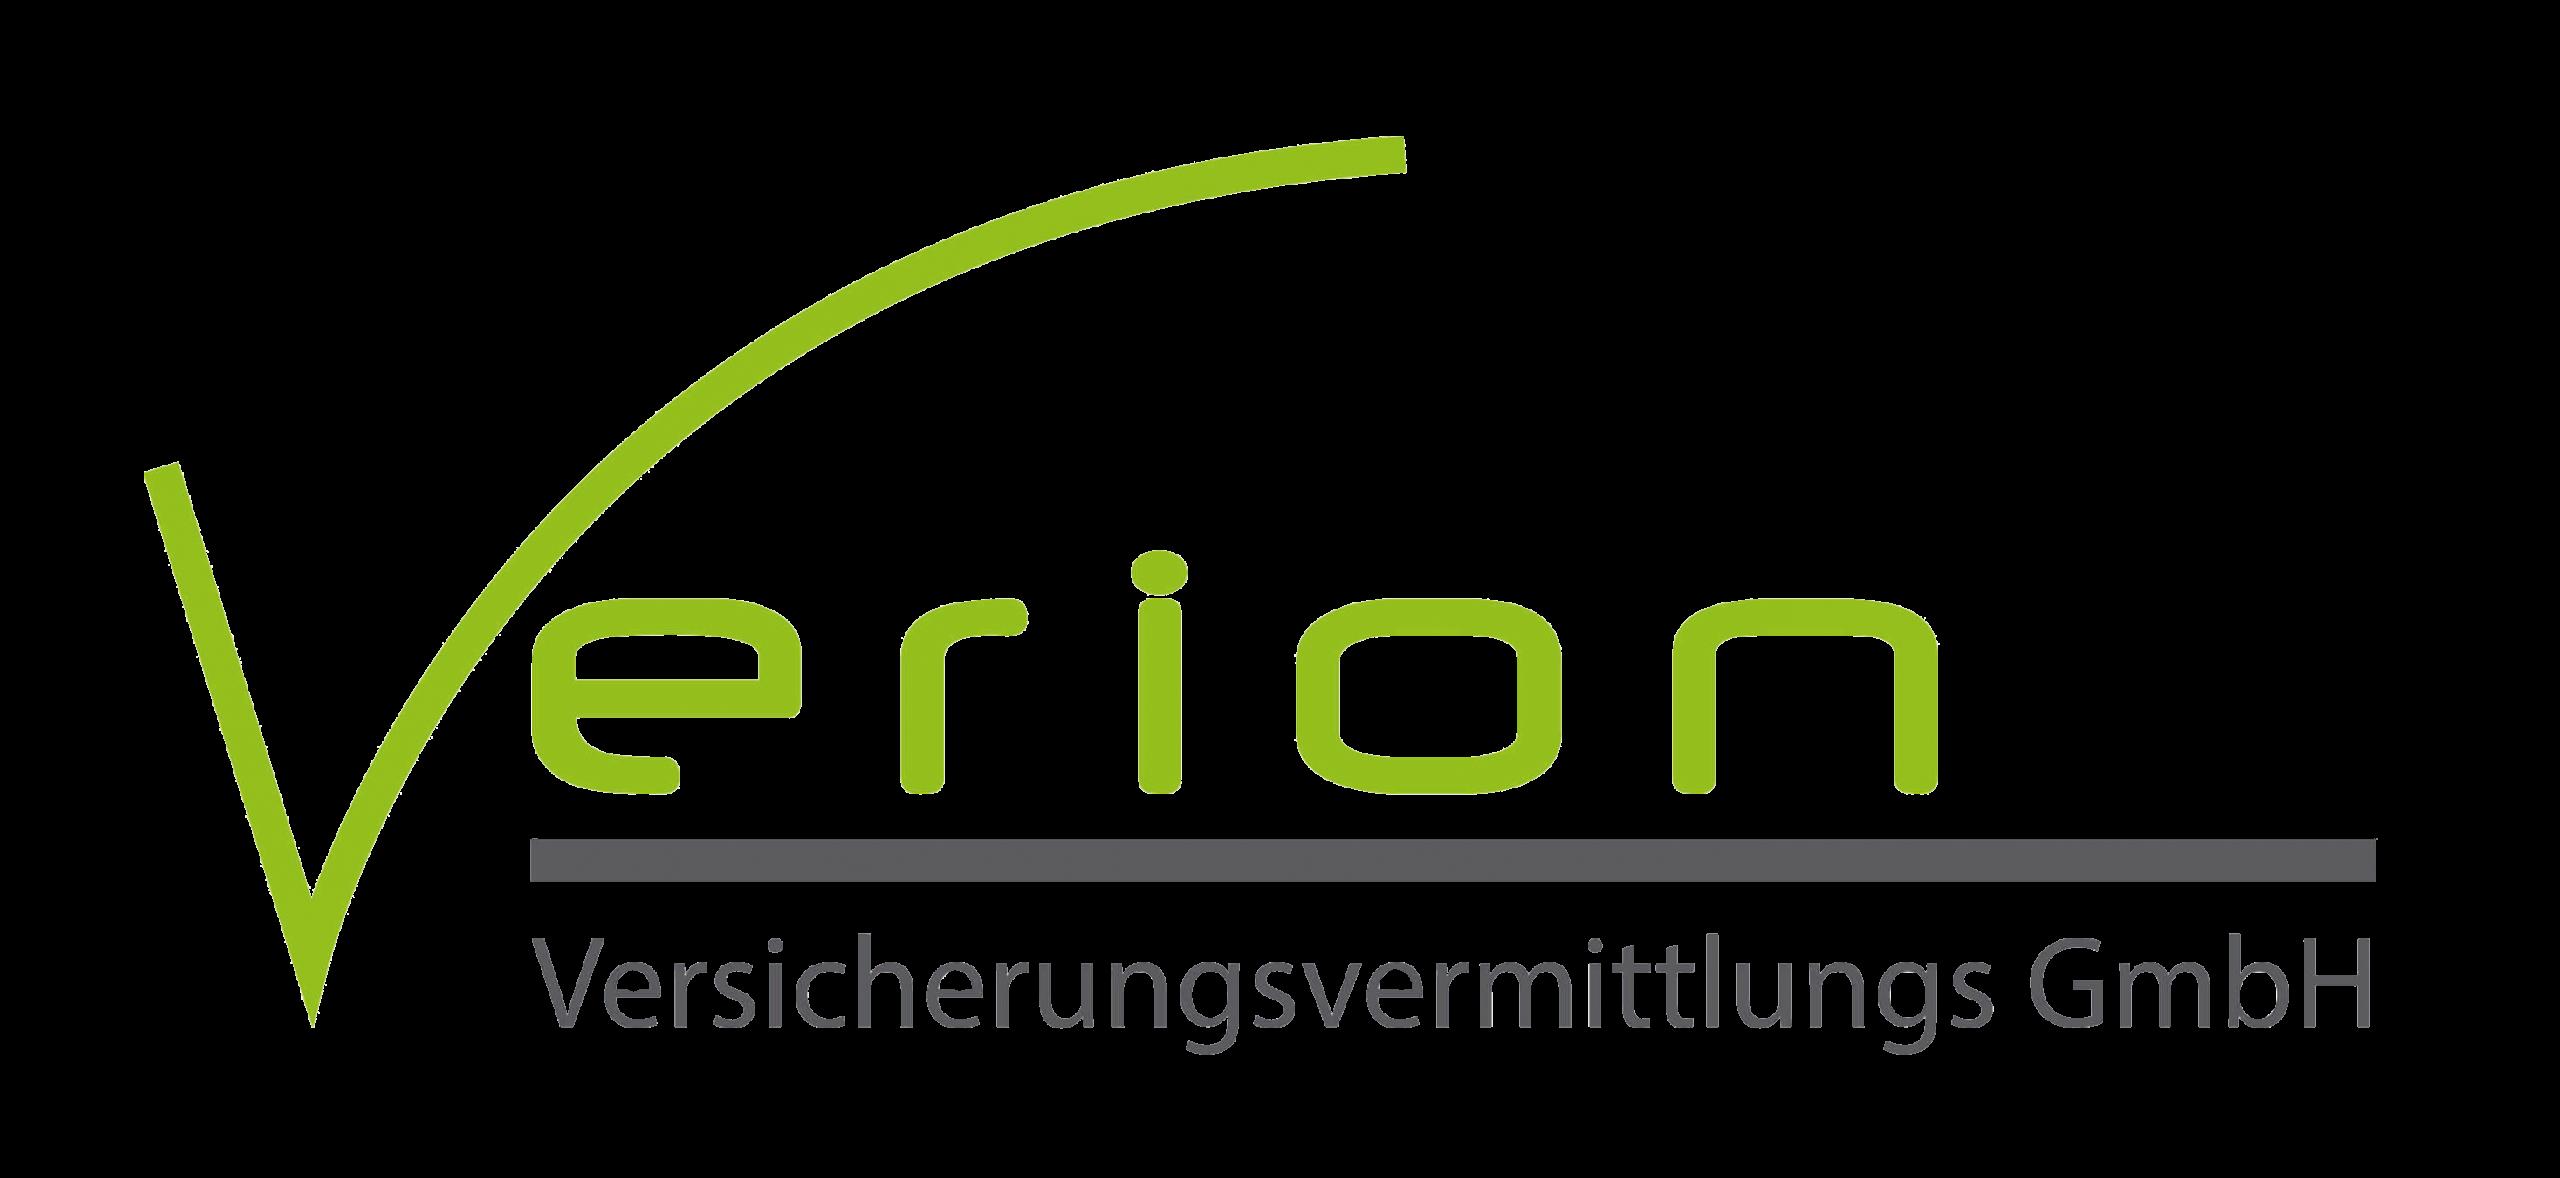 Verion Versicherungsvermittlungs GmbH